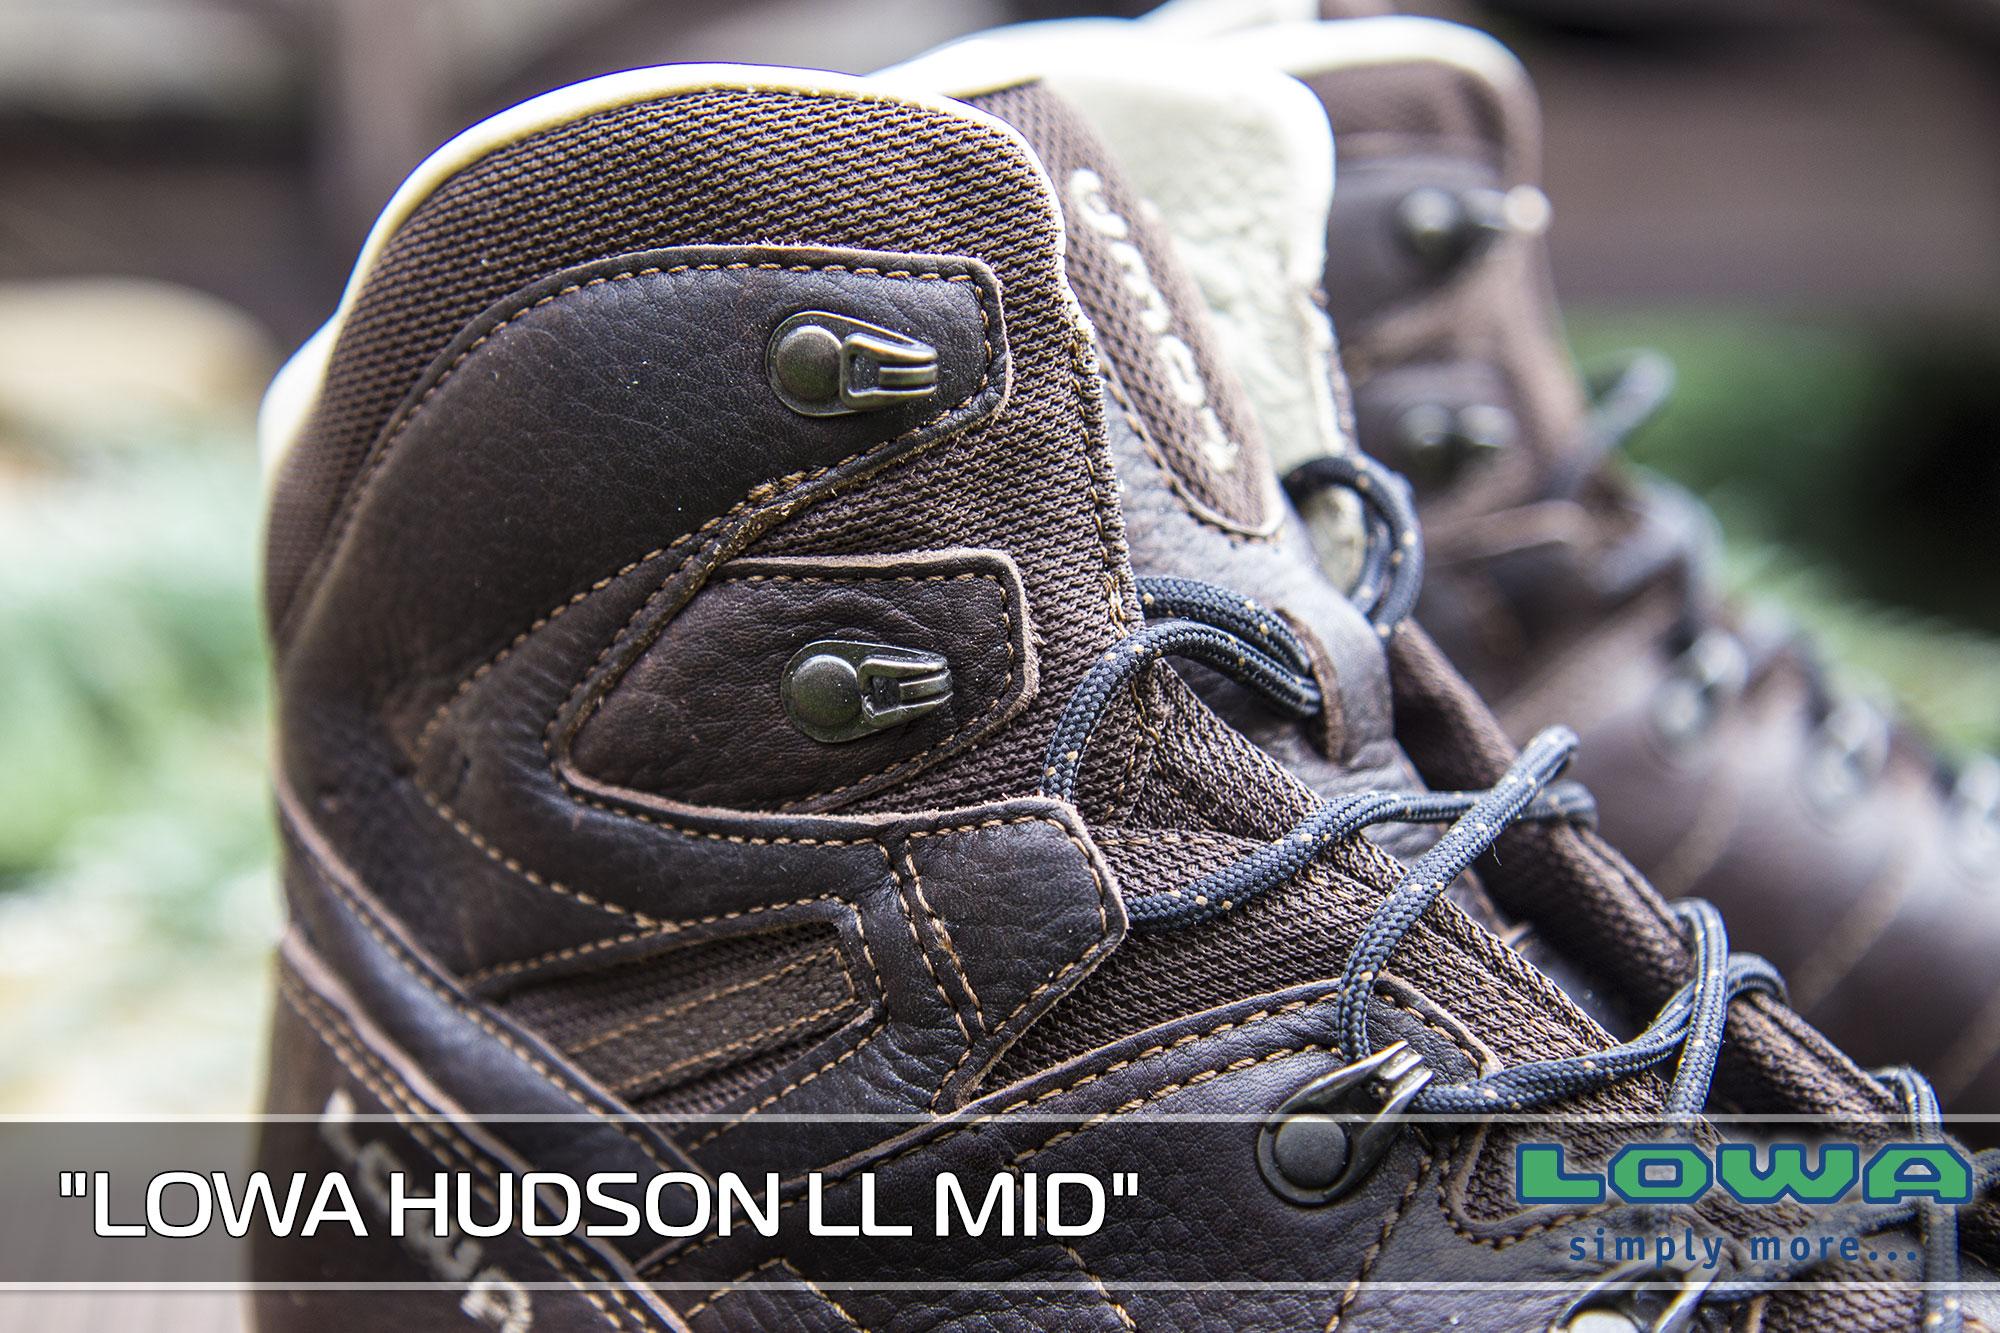 LOWA Hudson LL Mid